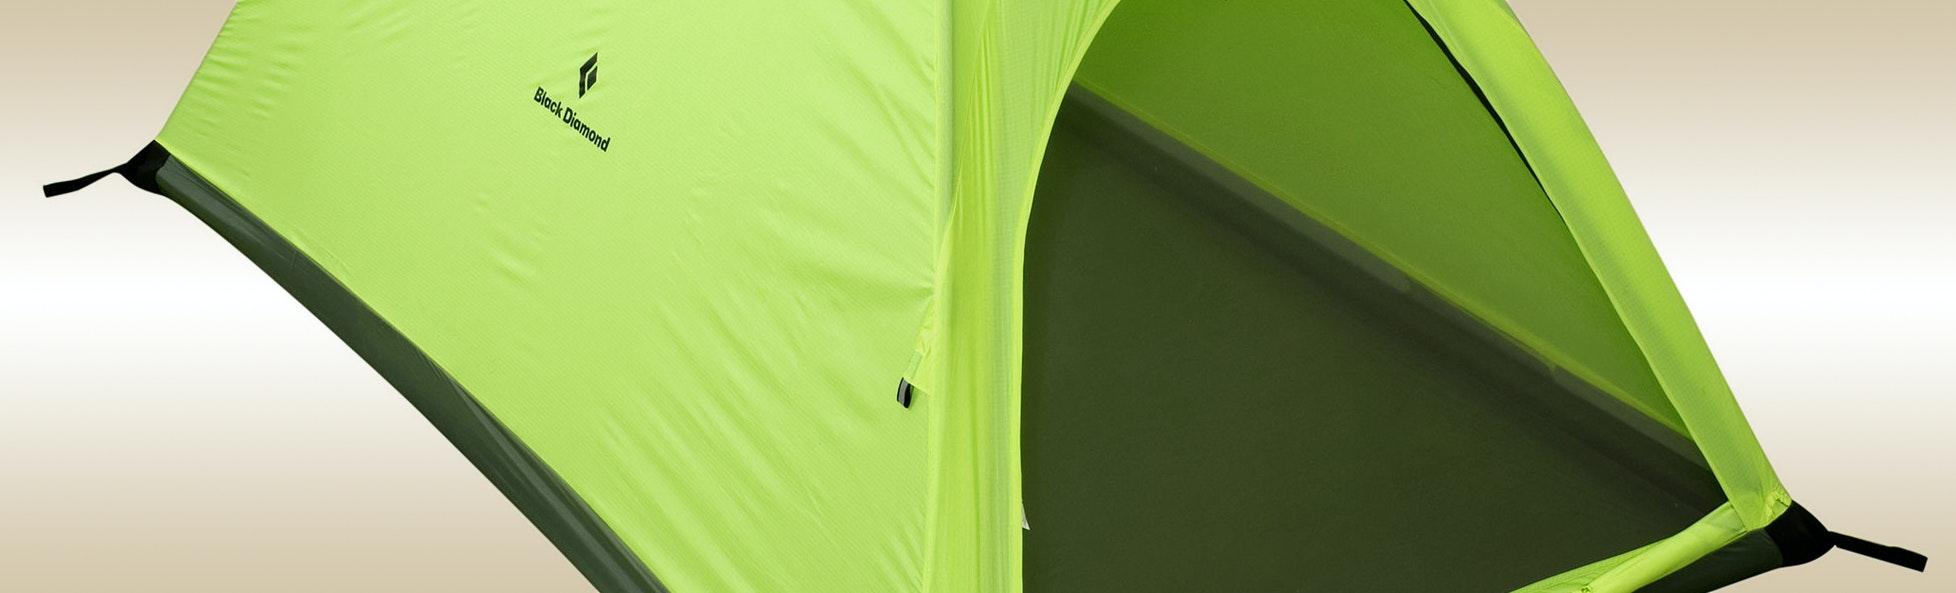 Black Diamond Firstlight 2P Tent & Black Diamond Firstlight 2P Tent | Price u0026 Reviews | Massdrop